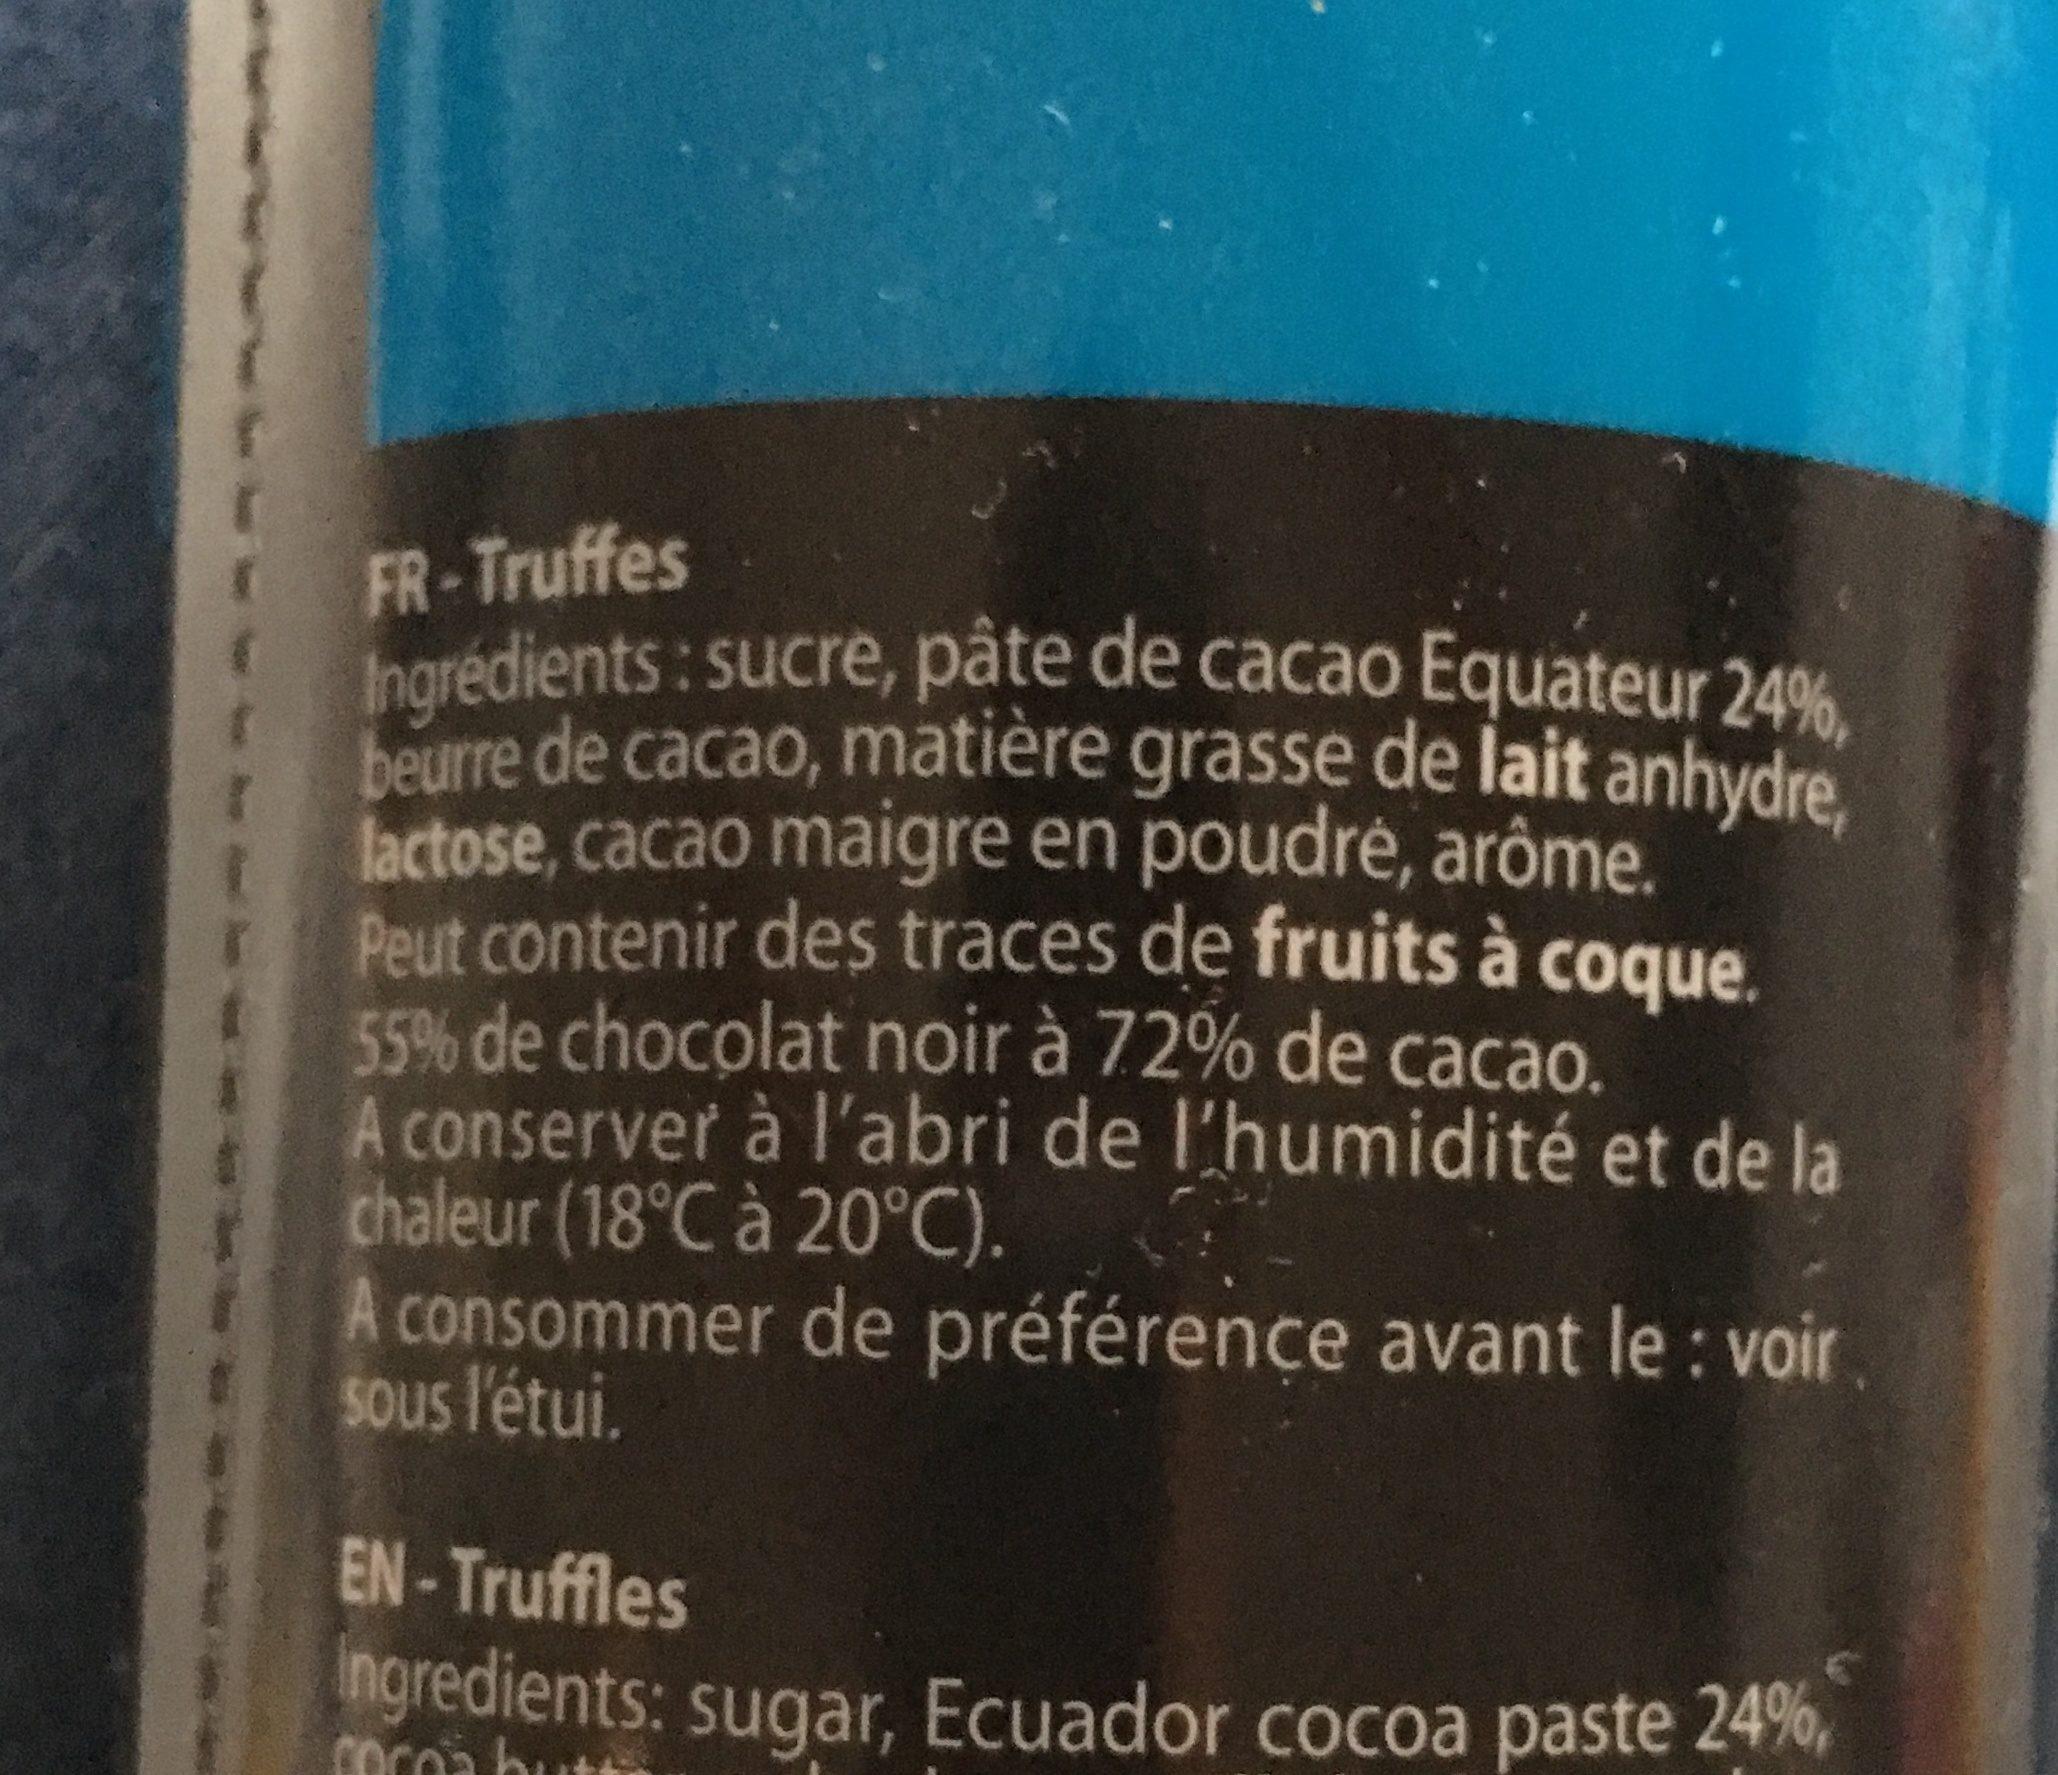 Etui Truffes Equateur - Ingrédients - fr